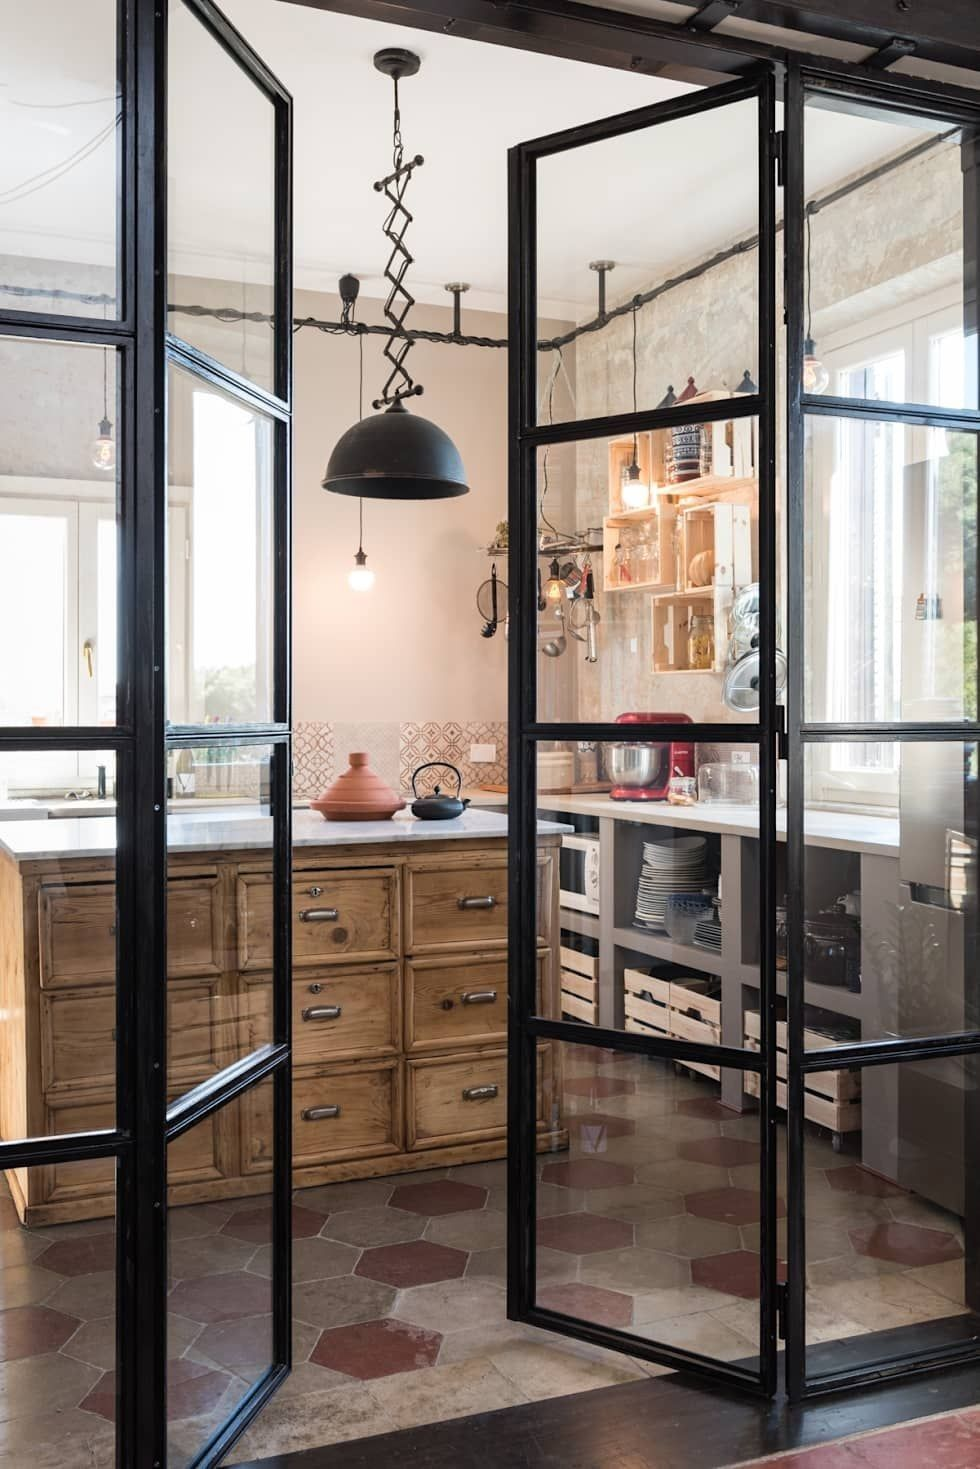 Come scegliere la cucina ideale studio appartamento for Appartamento design industriale